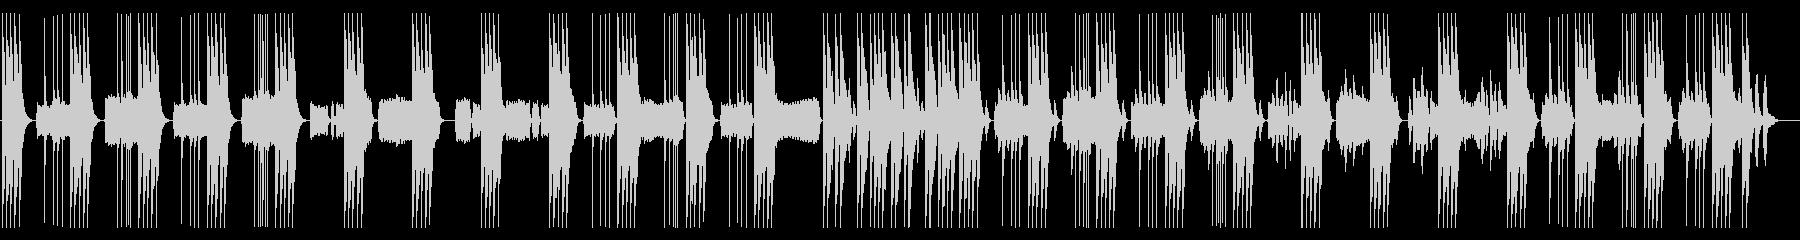 リズム抜】とぼけた、コミカル日常系BGMの未再生の波形